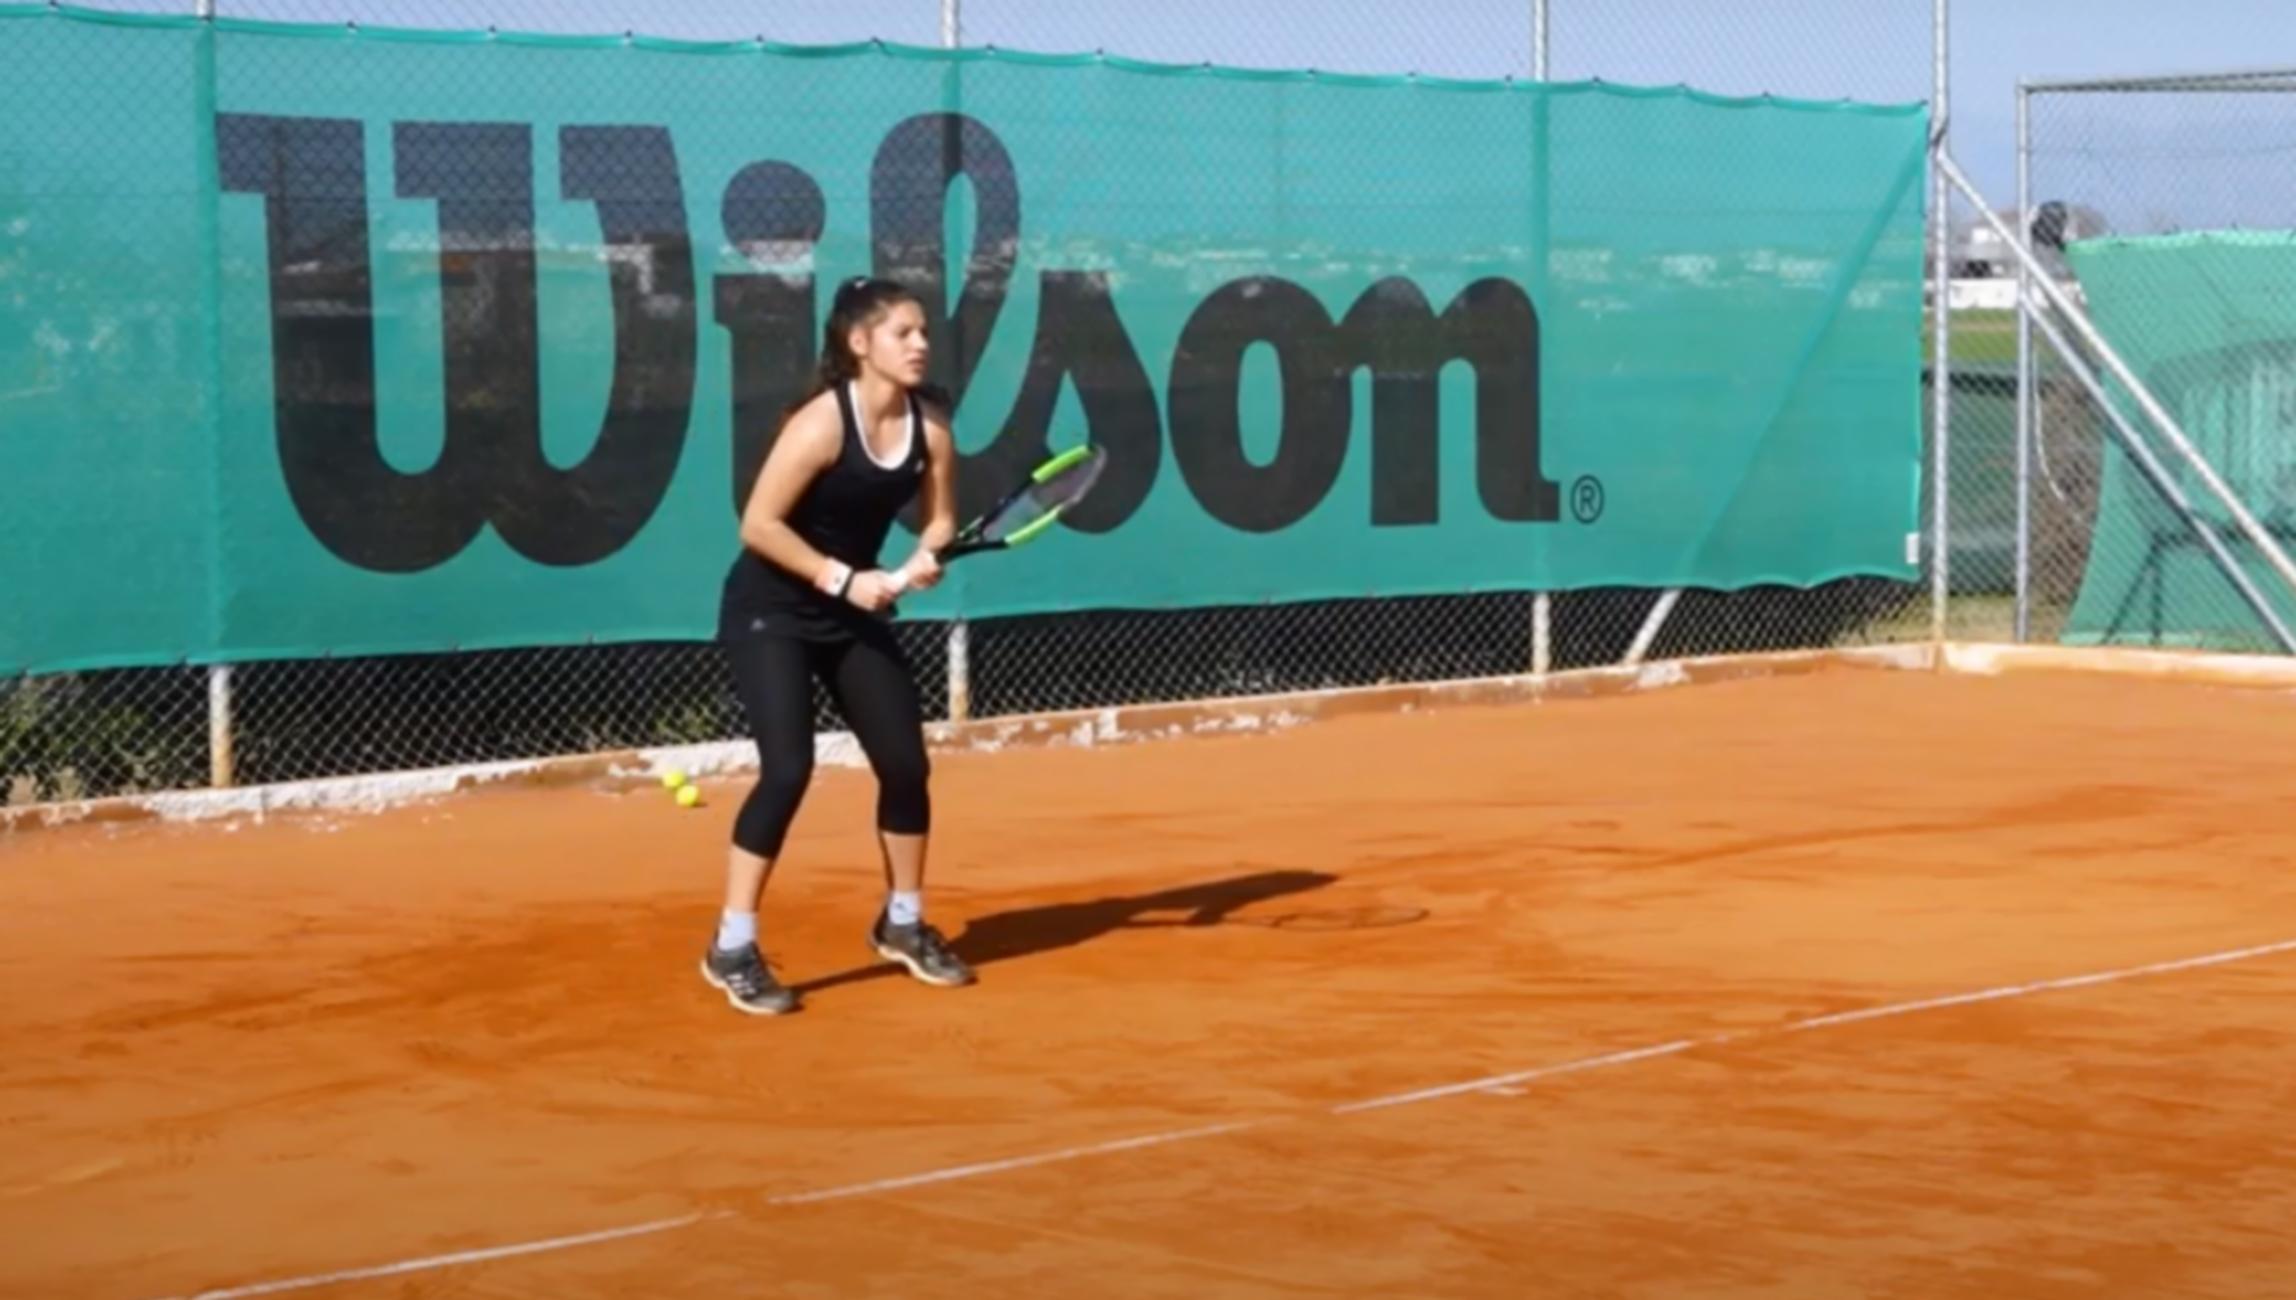 «Σαρώνει» η Ελλάδα στο Roland Garros: Πρώτη νίκη και για τη Μιχαέλα Λάκη στο Juniors